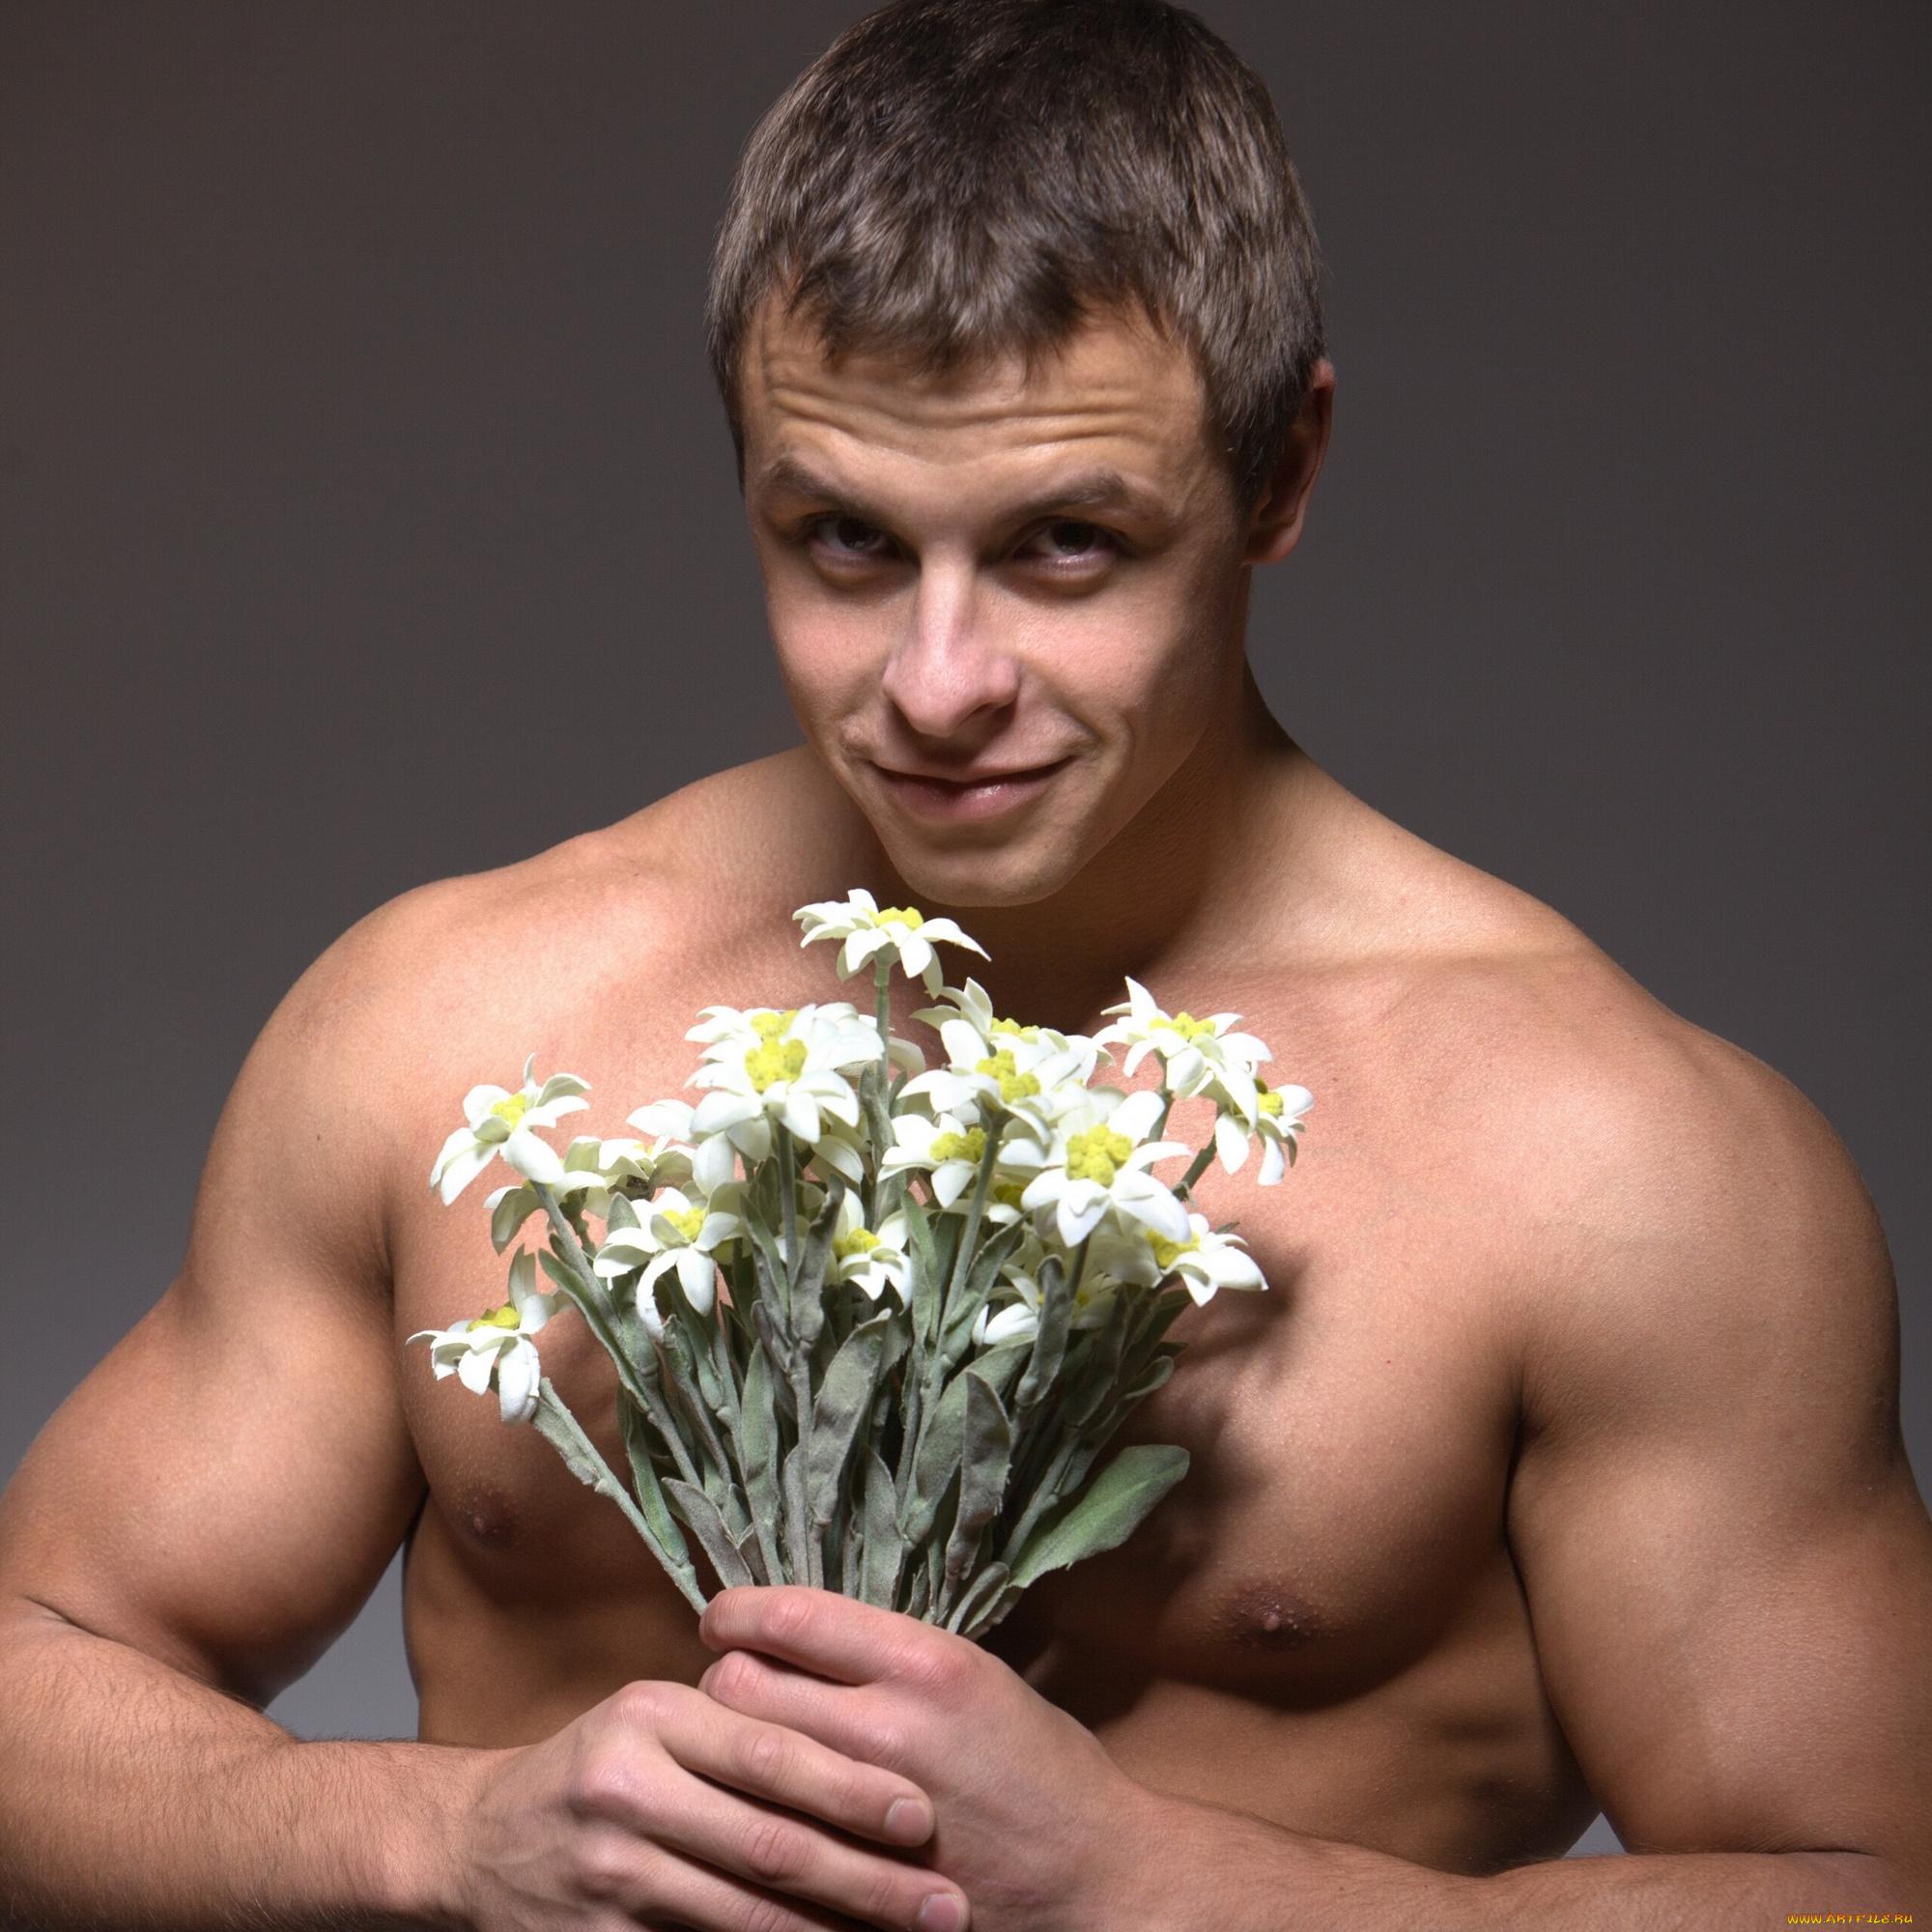 Смешные картинки мужчины с цветами